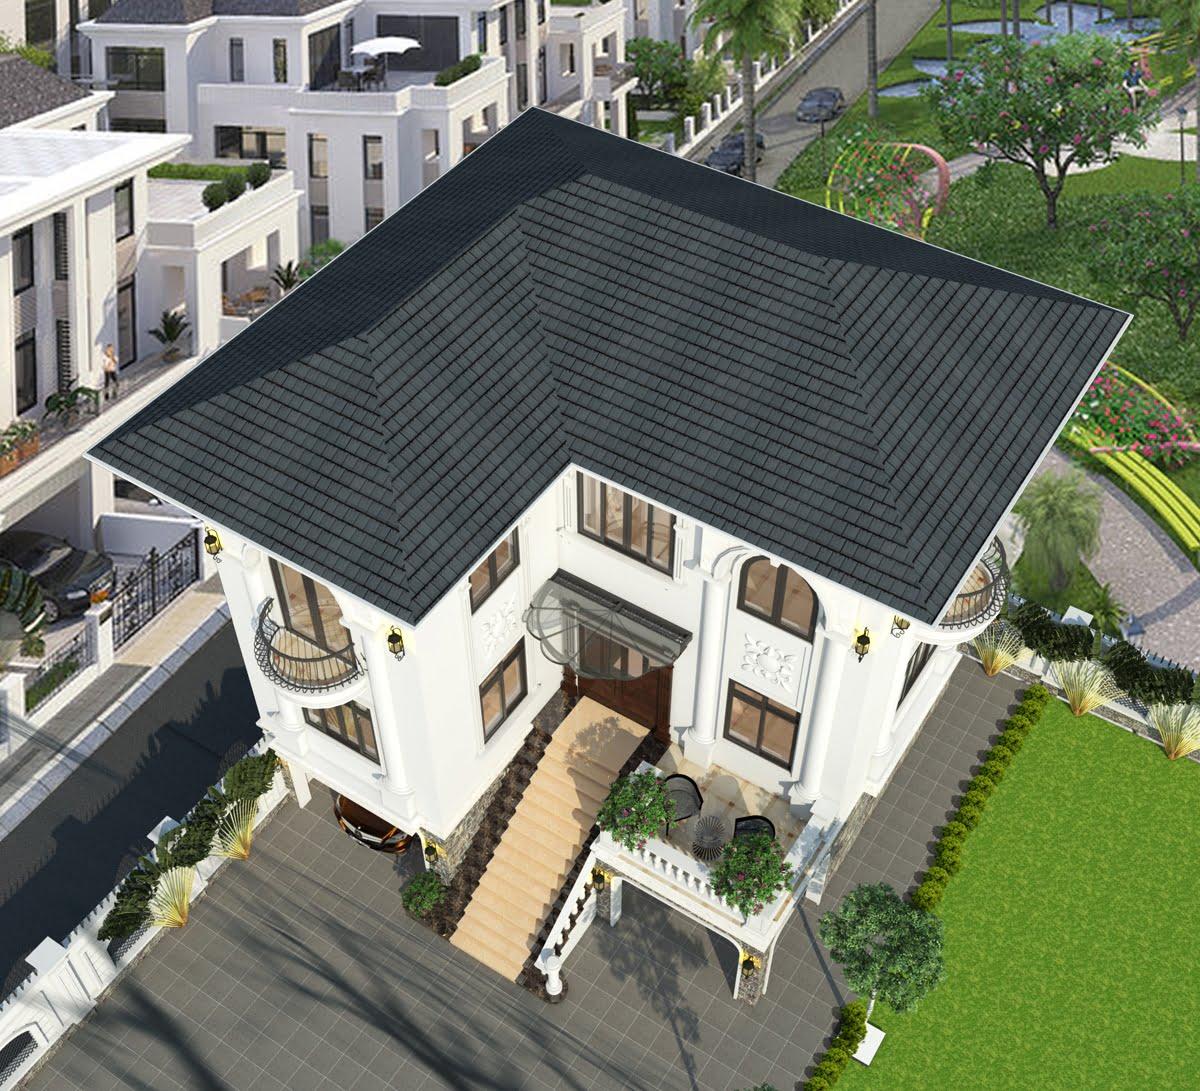 biệt thự 3 tầng 9x12 phong cách tân cổ điển 4